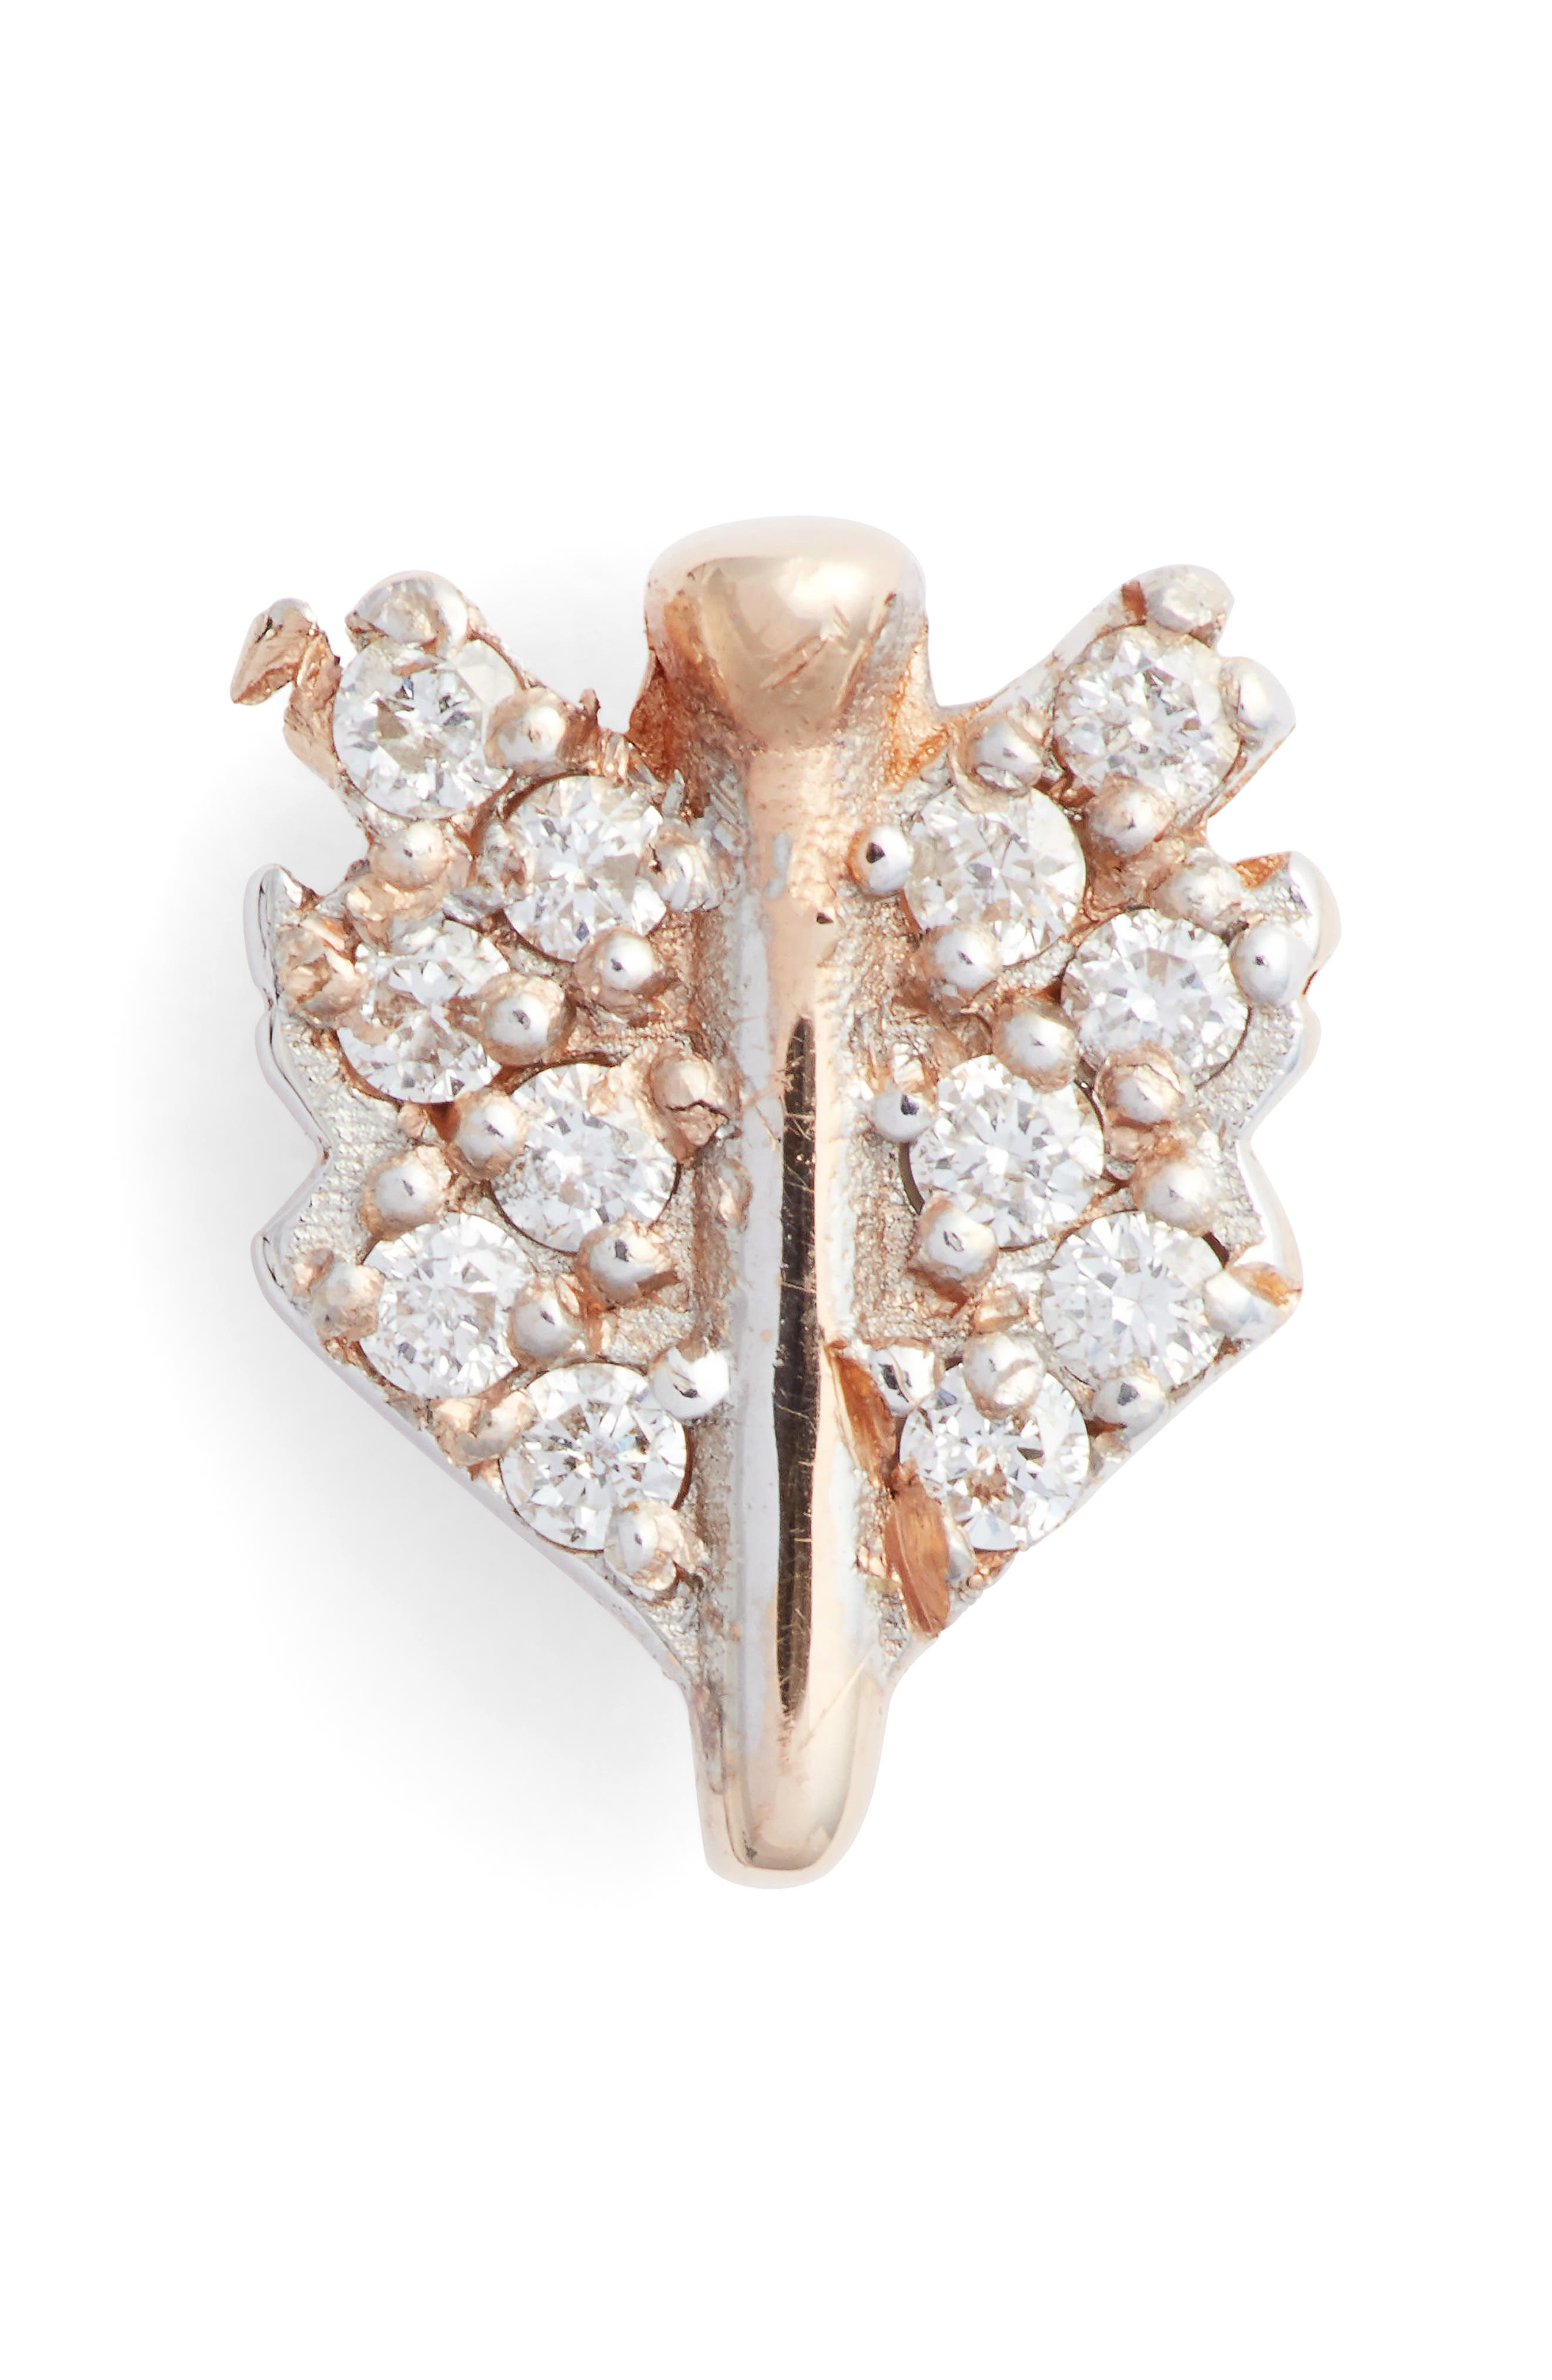 KISMET BY MILKA, Diamond Mini Quill Stud Earring, Main thumbnail 1, color, ROSE GOLD/ DIAMOND